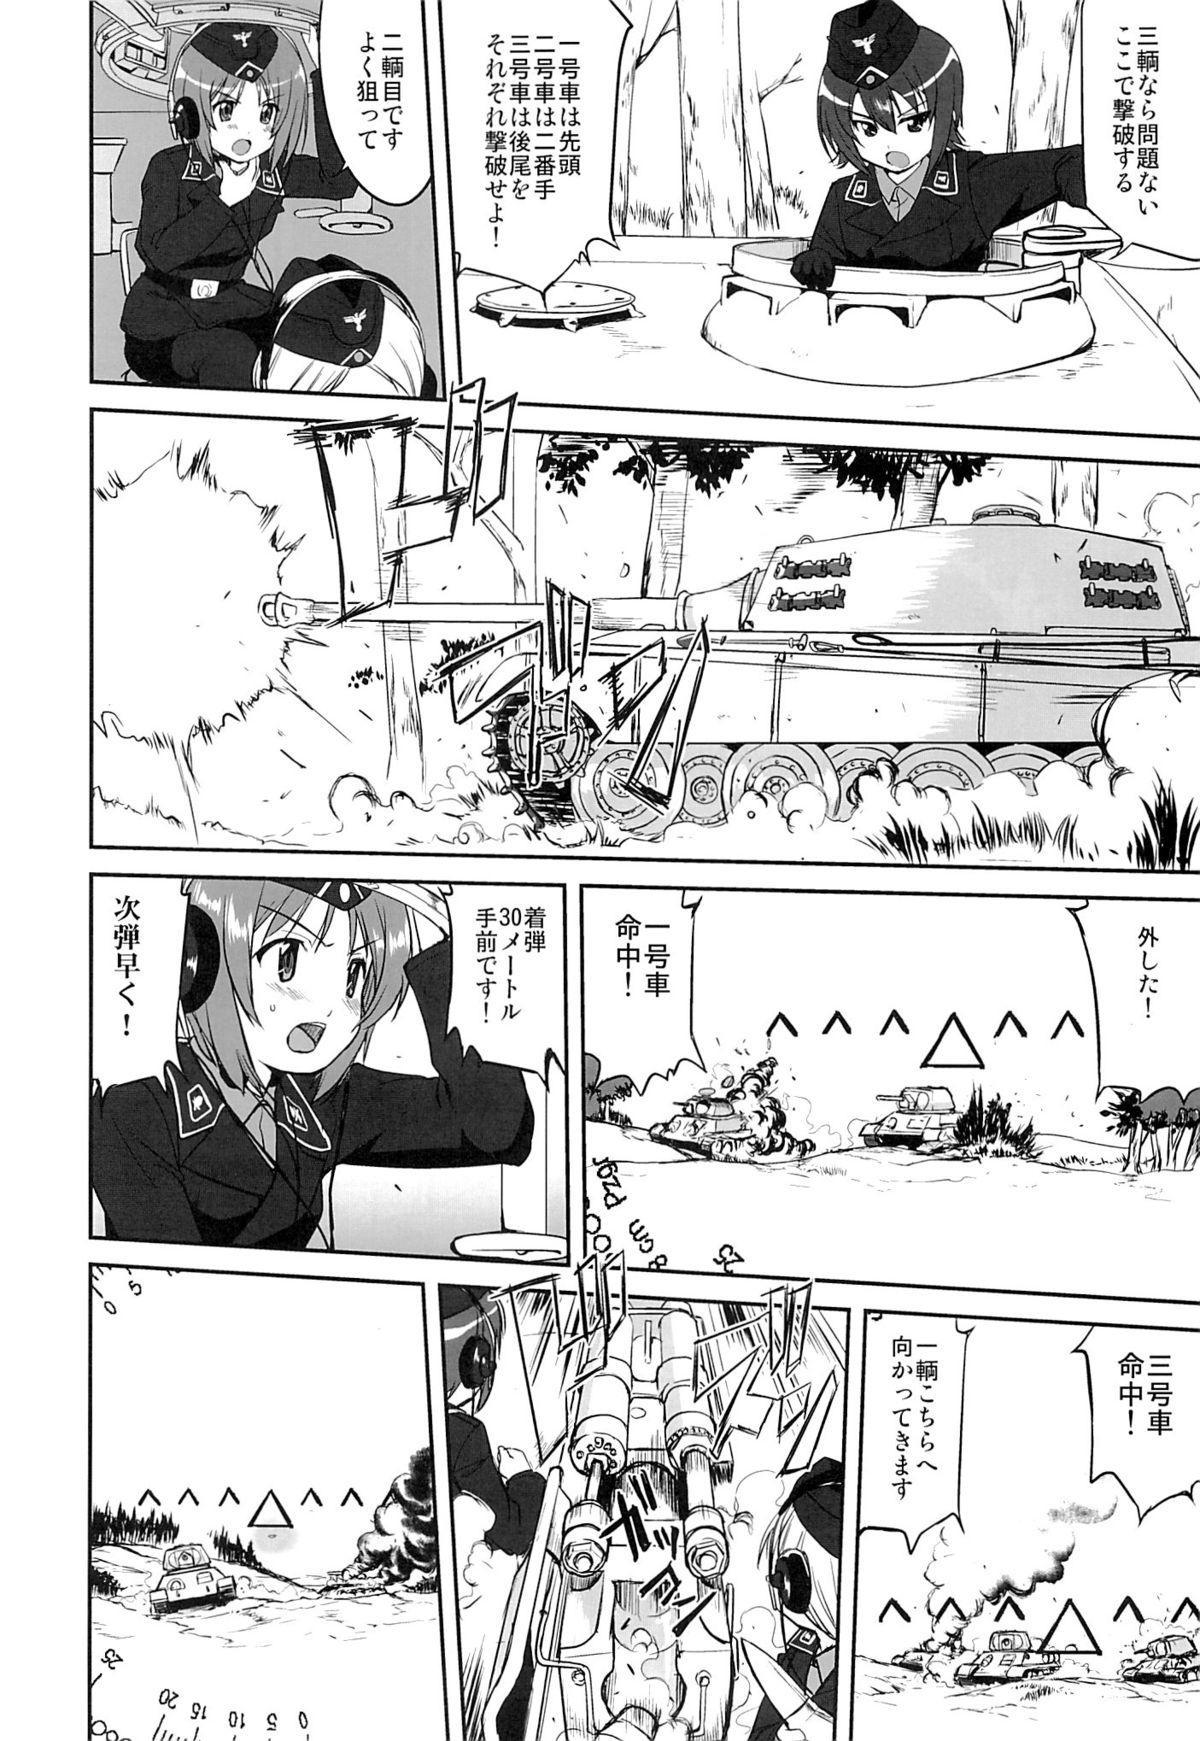 Yukiyukite Senshadou 4